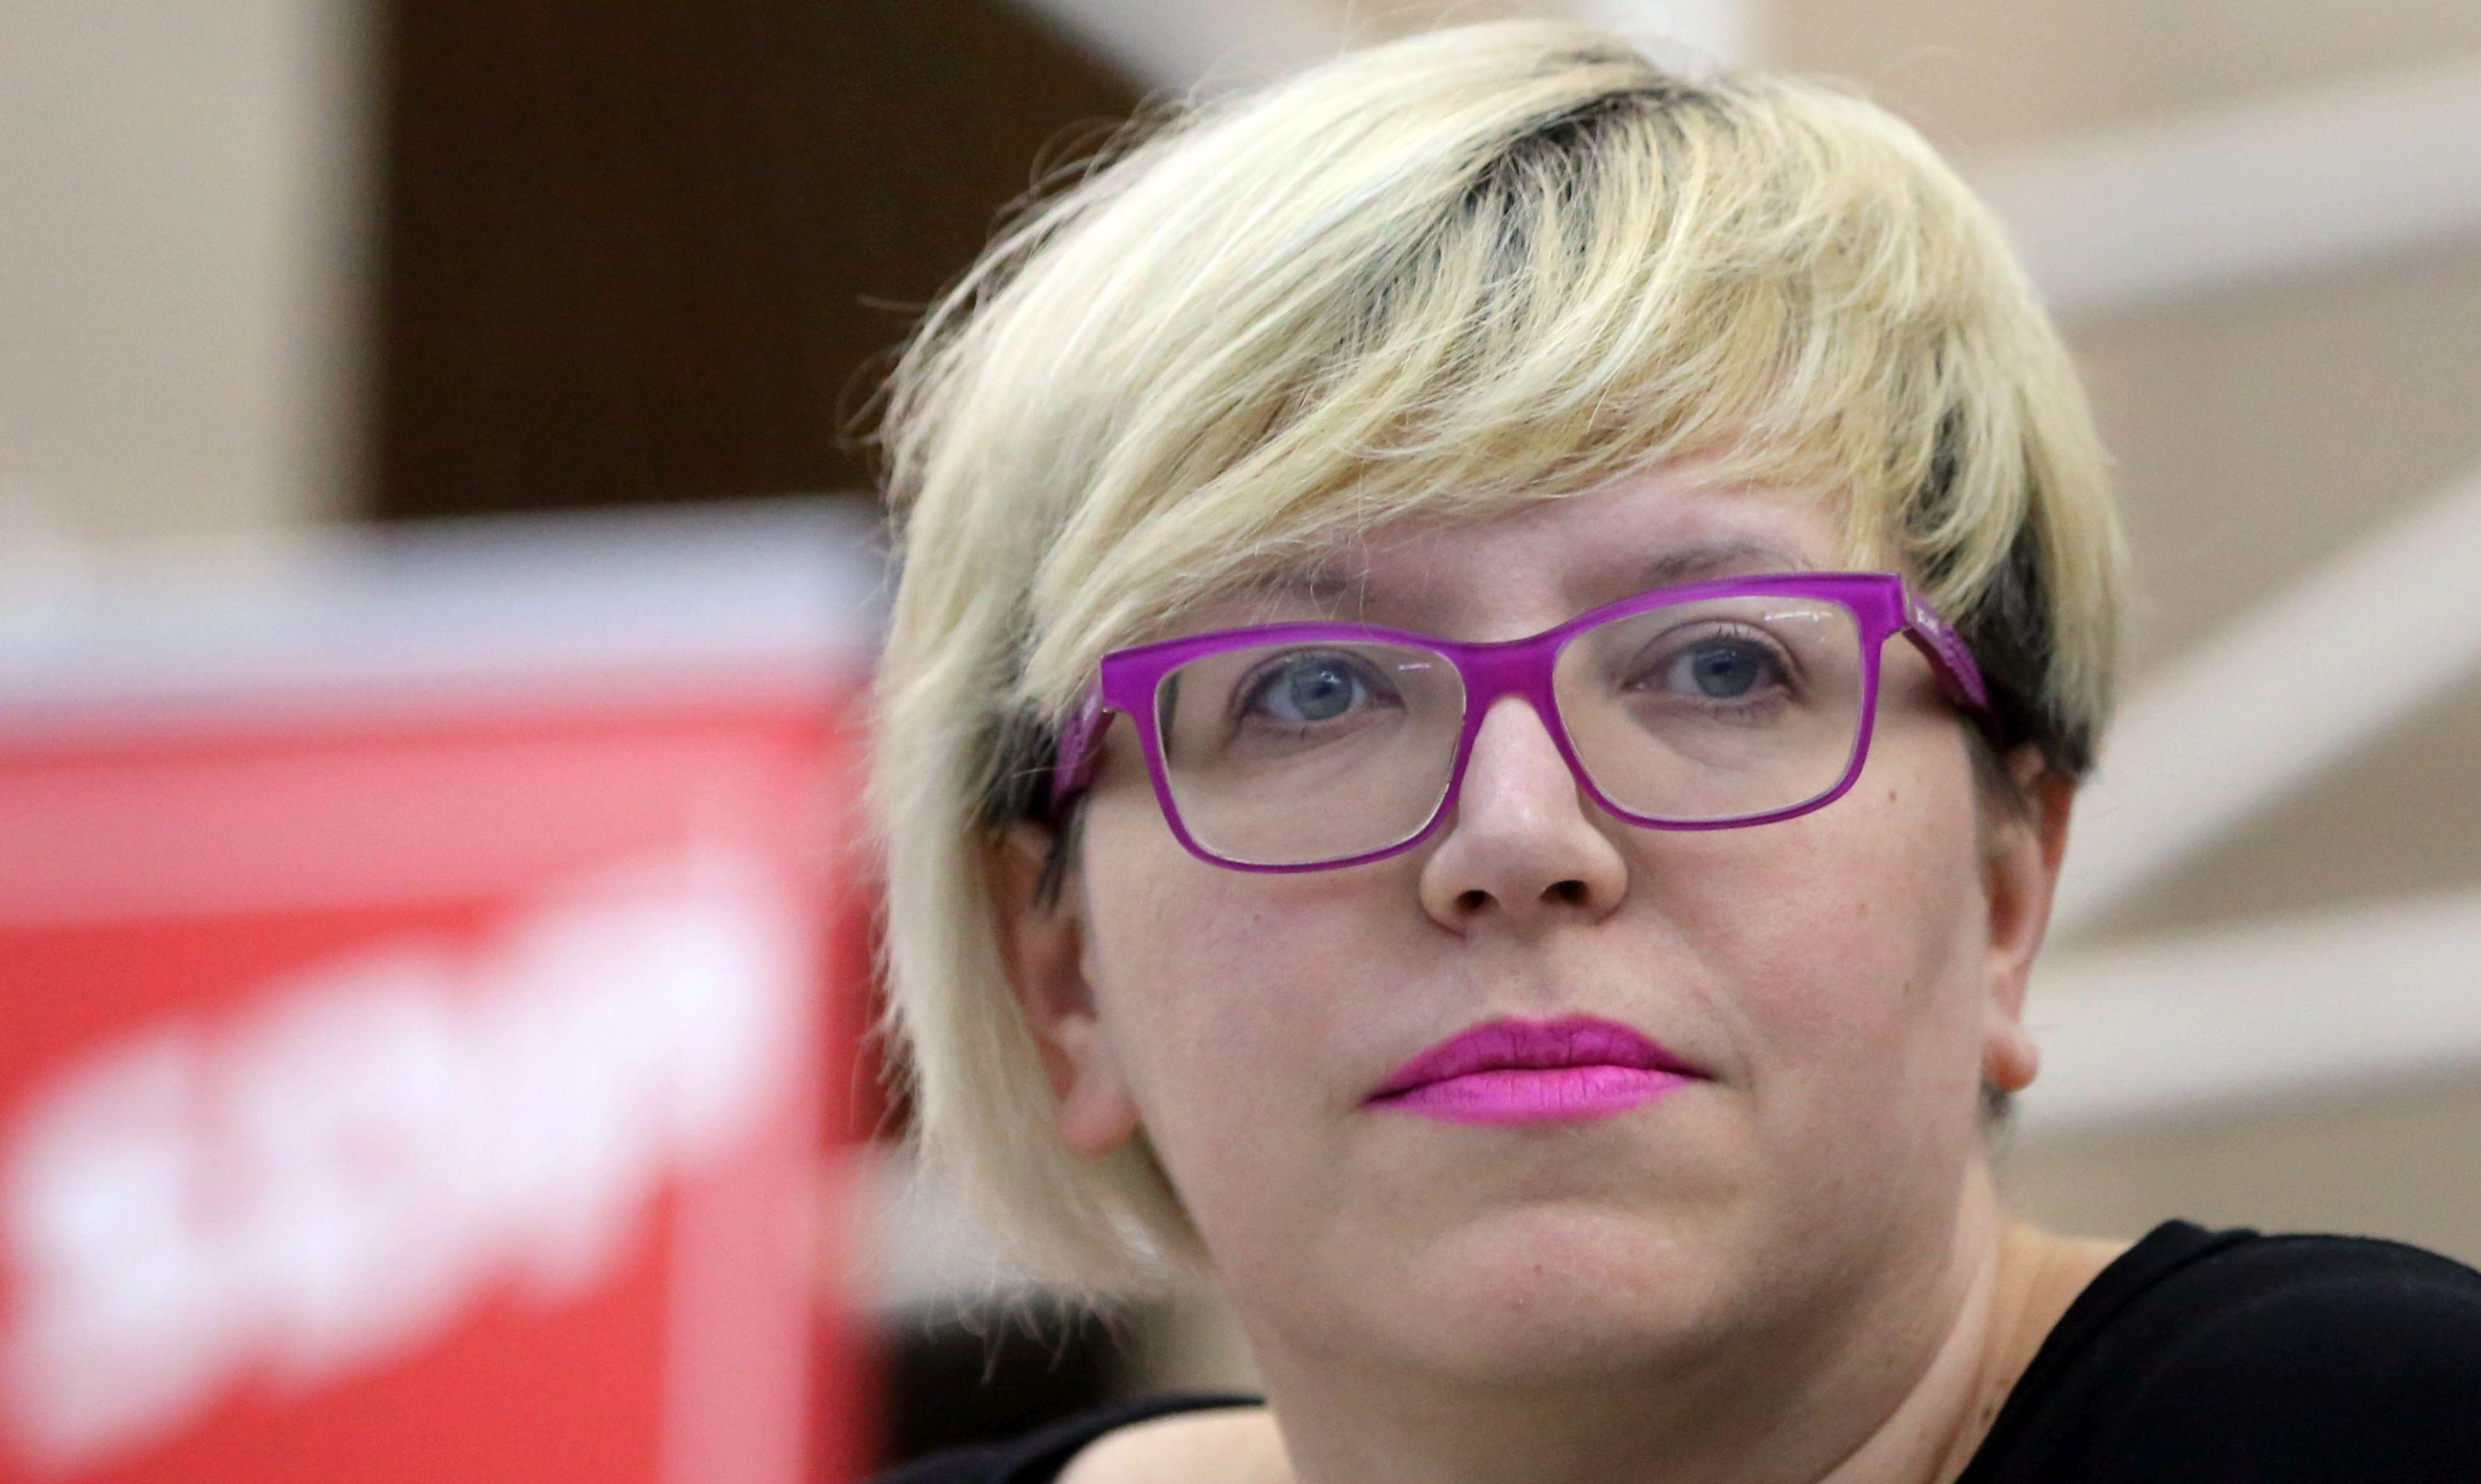 Leaković očekuje razgovor s poslodavcem i osuđuje napade na članove sindikata u SDP-u